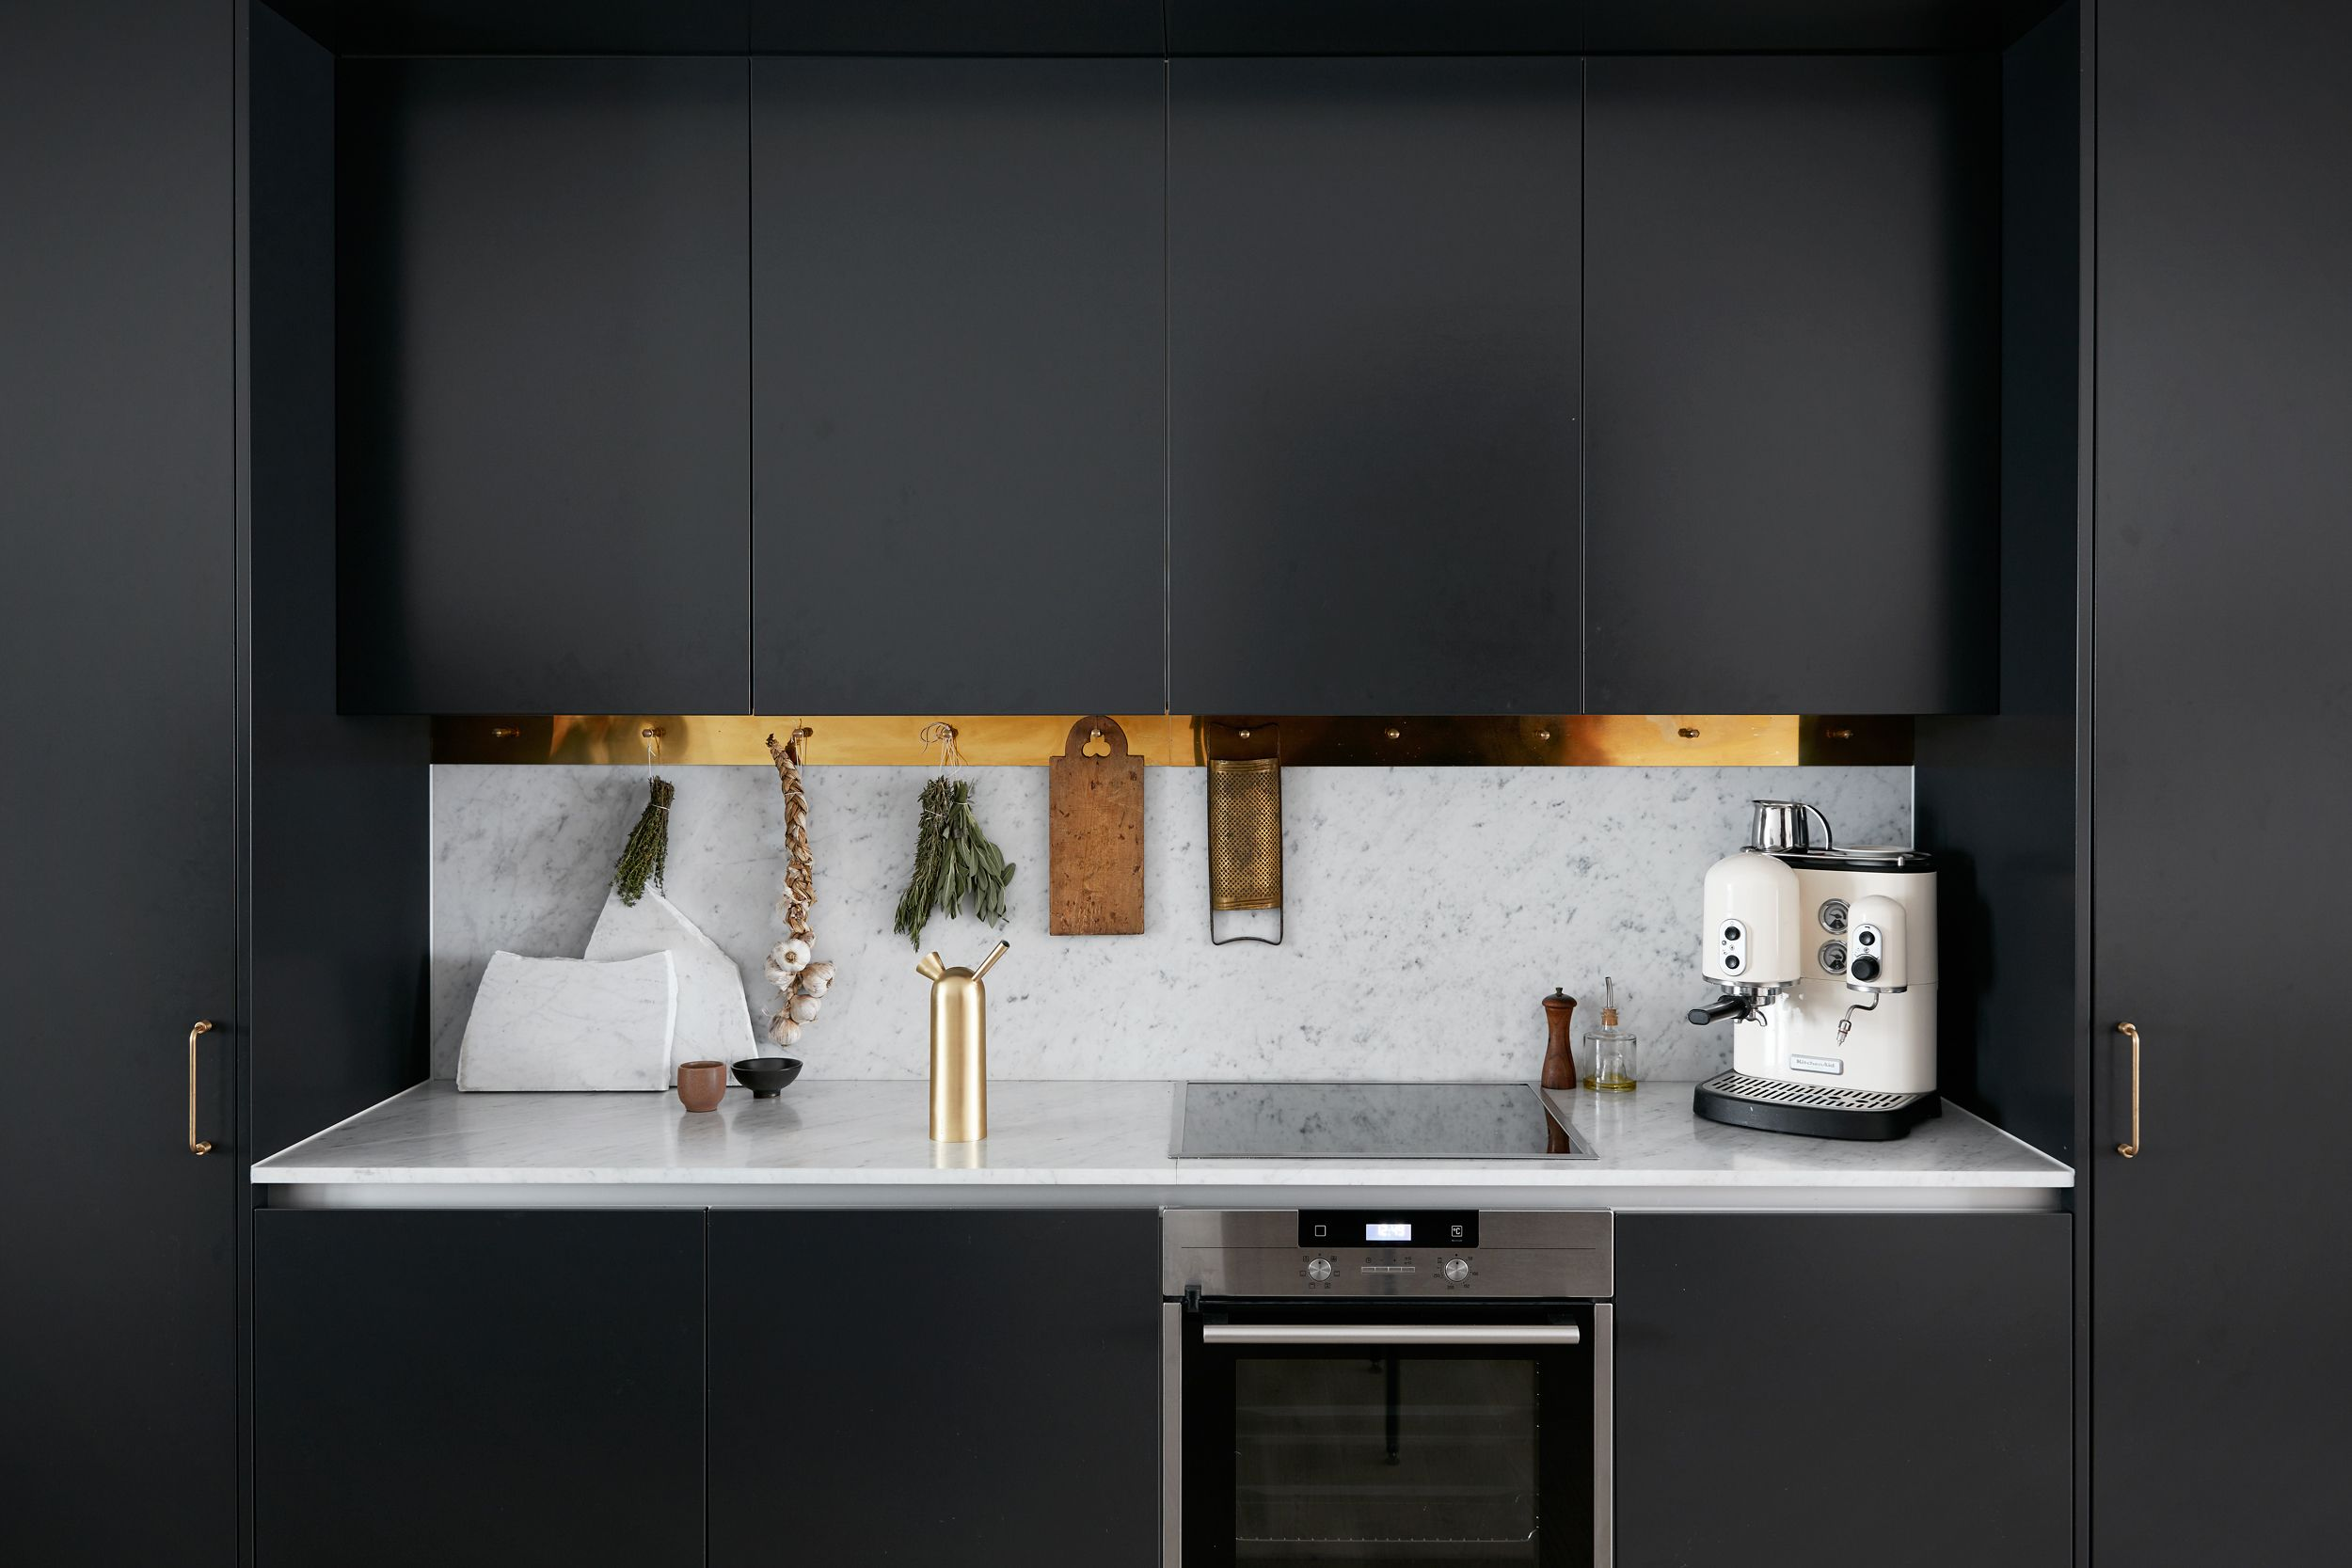 Cocina pequeña | diseño cocina | reforma cocina | cocina de diseño ...